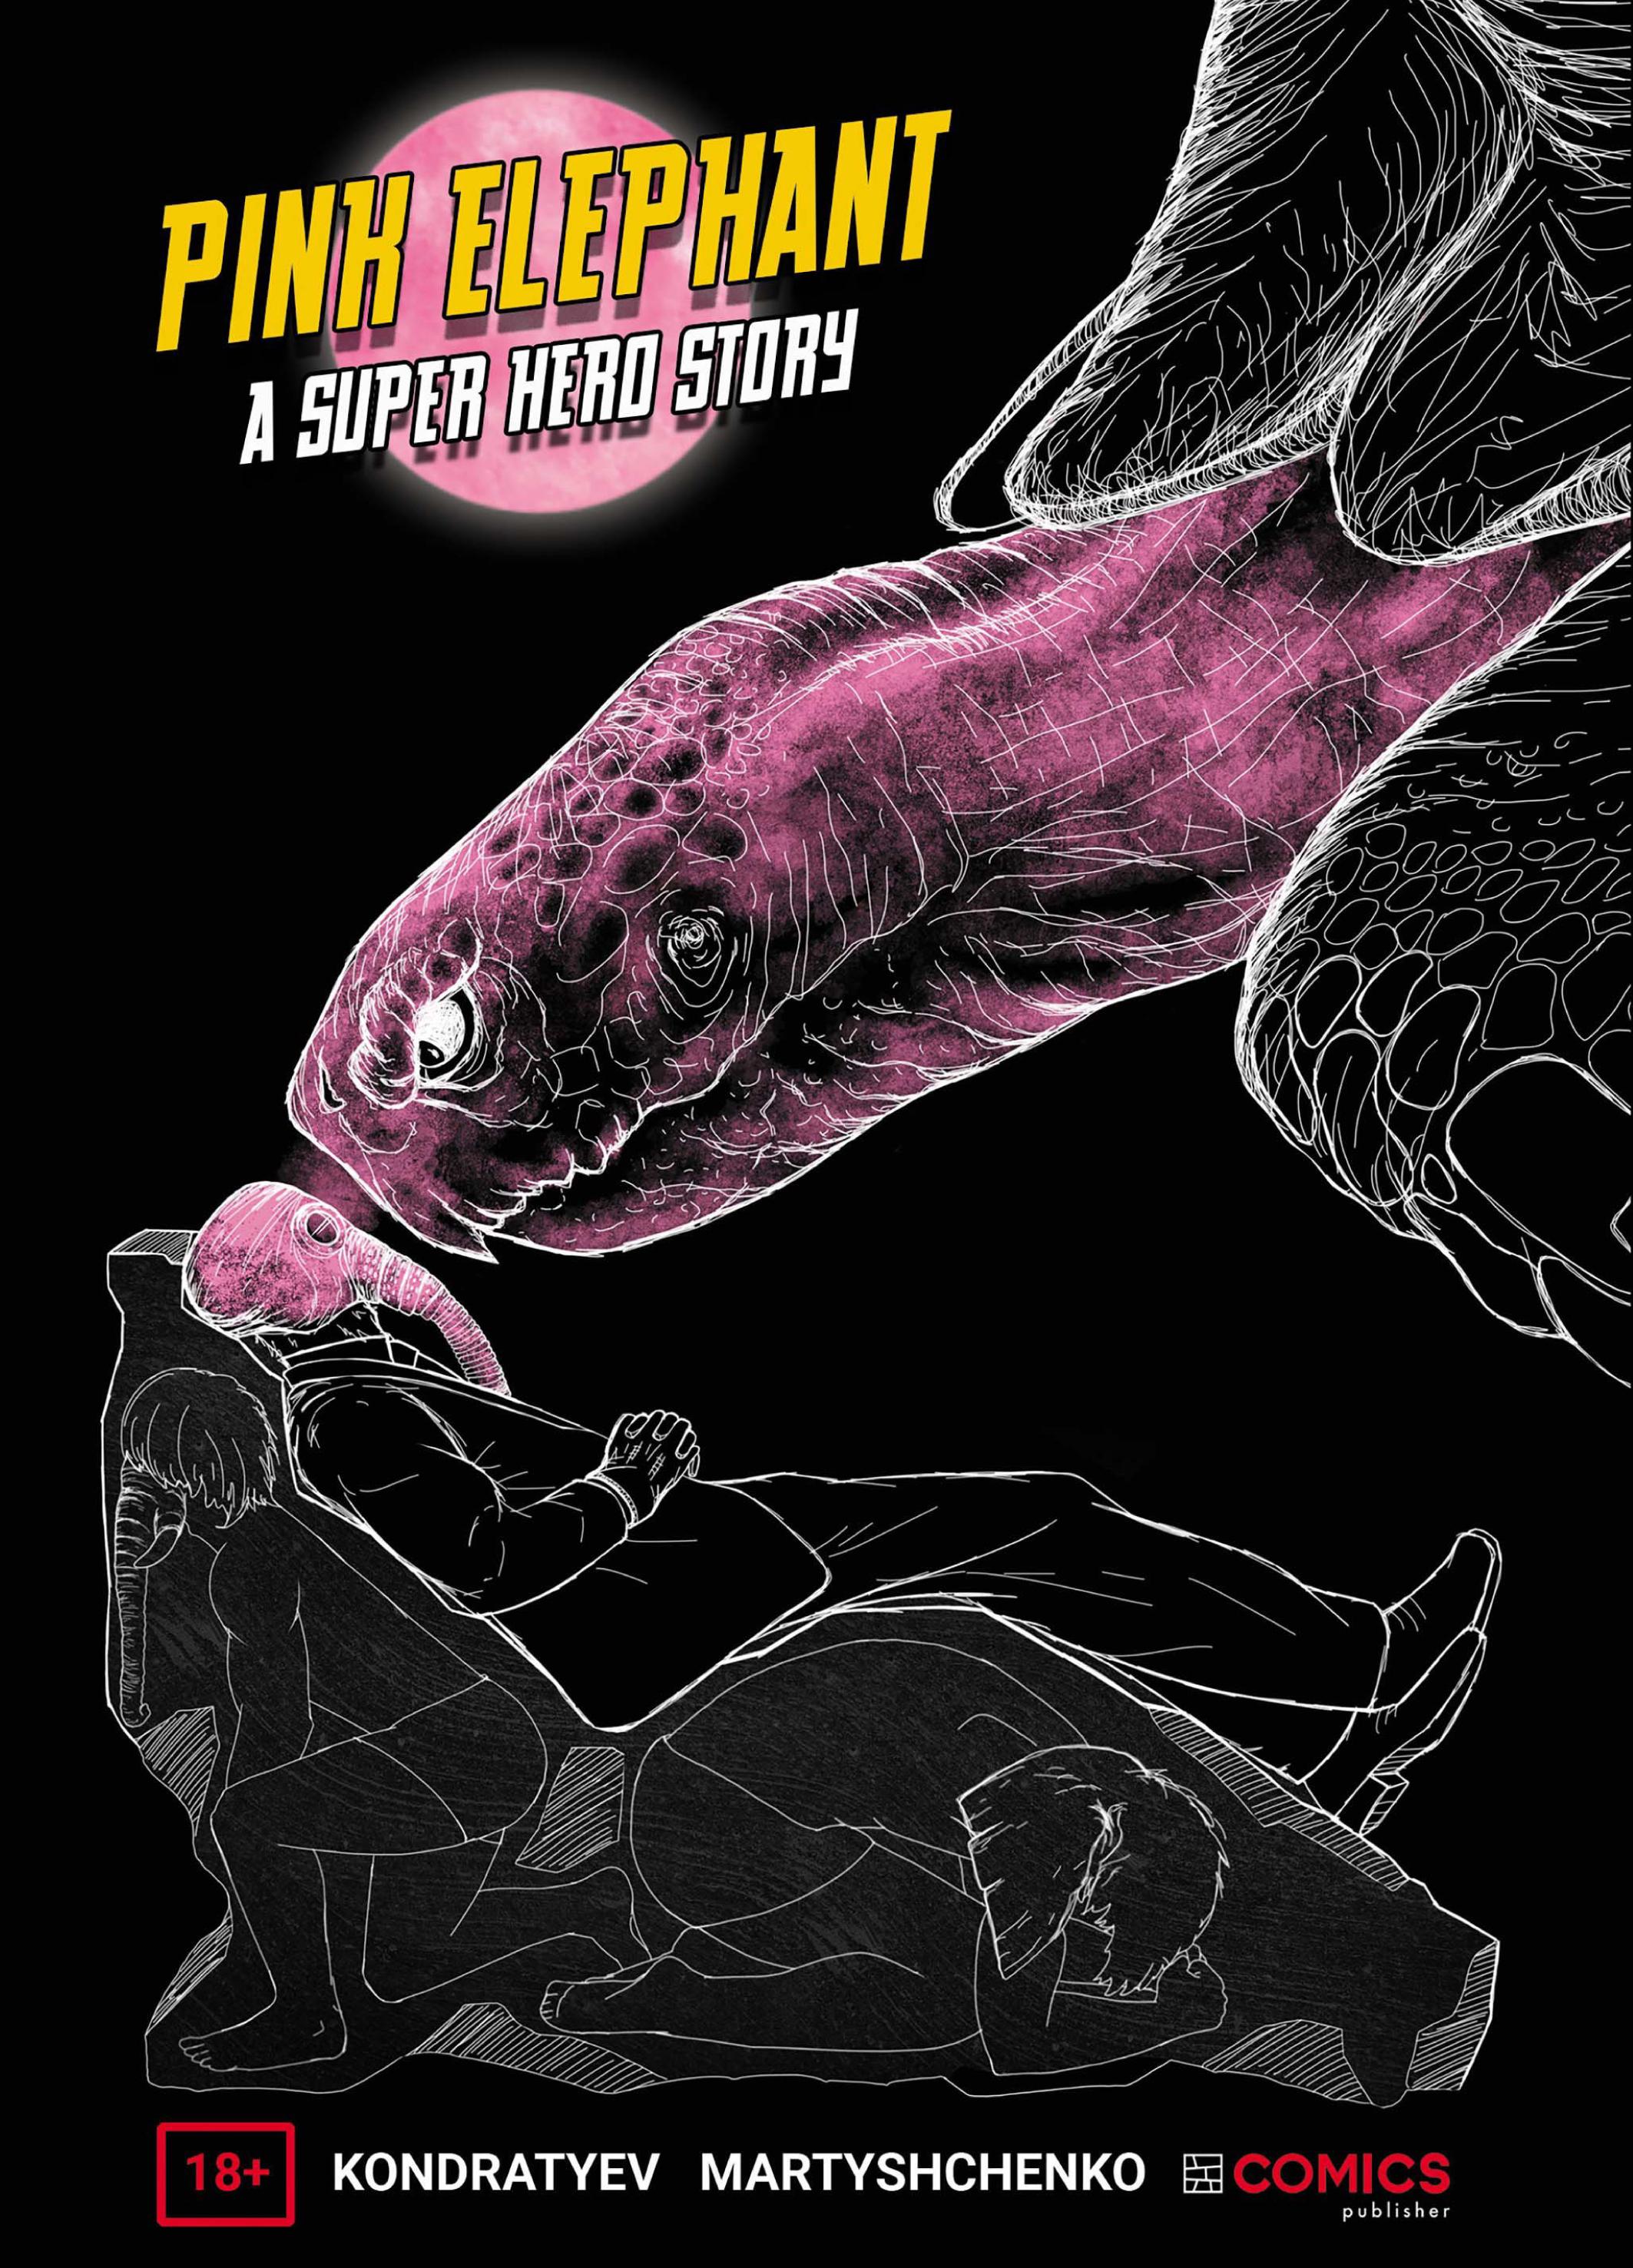 Александр Кондратьев Pink Elephant – A Superhero Story. Глава 3 кондратьев а pink elephant a superhero story розовый слон детективная история графический роман